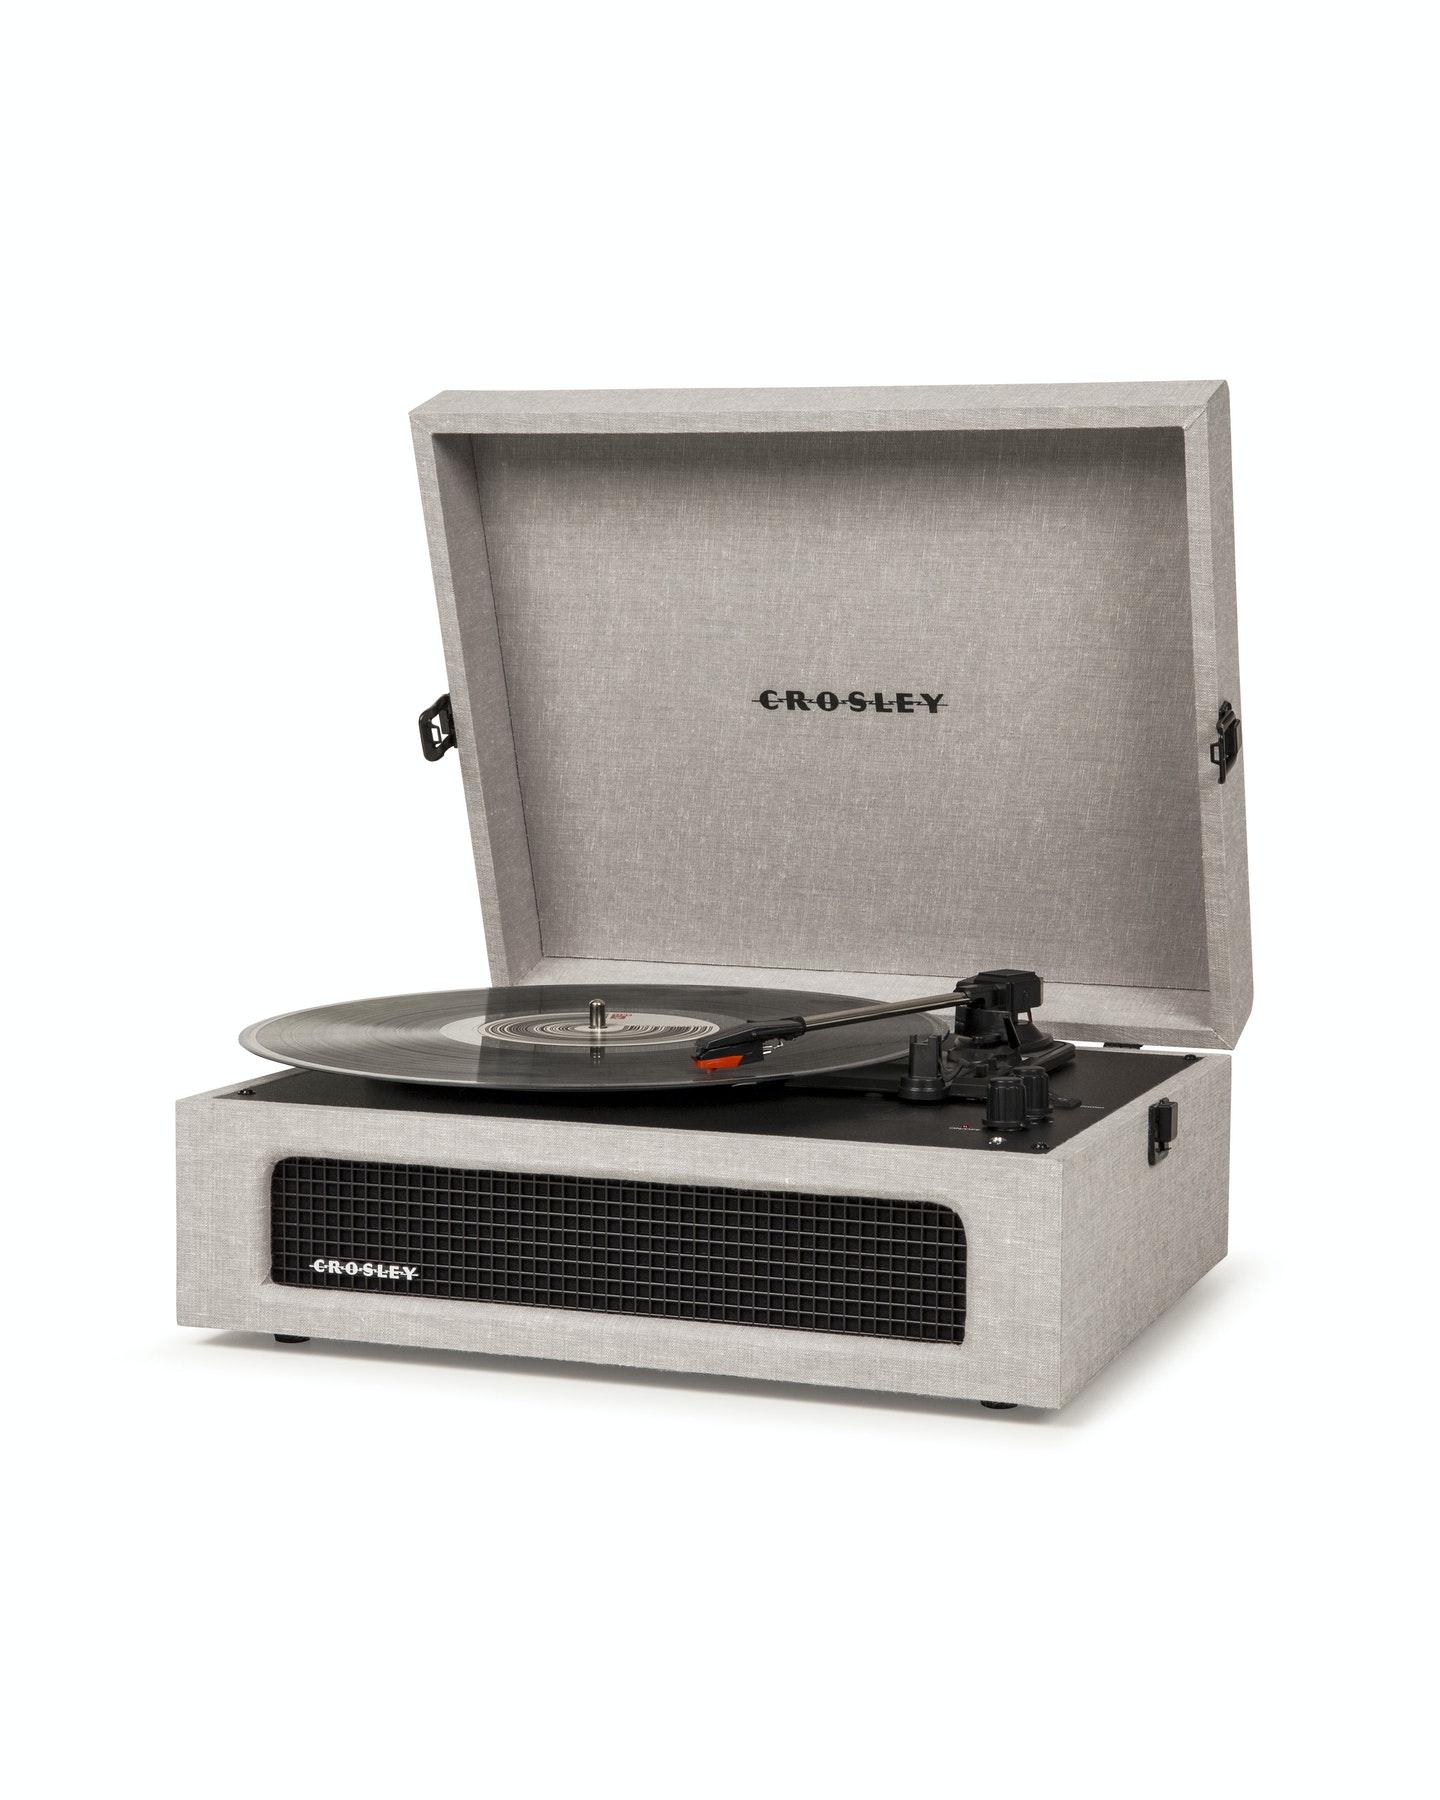 Crosley Crosley Voyager Portable Turntable Grey